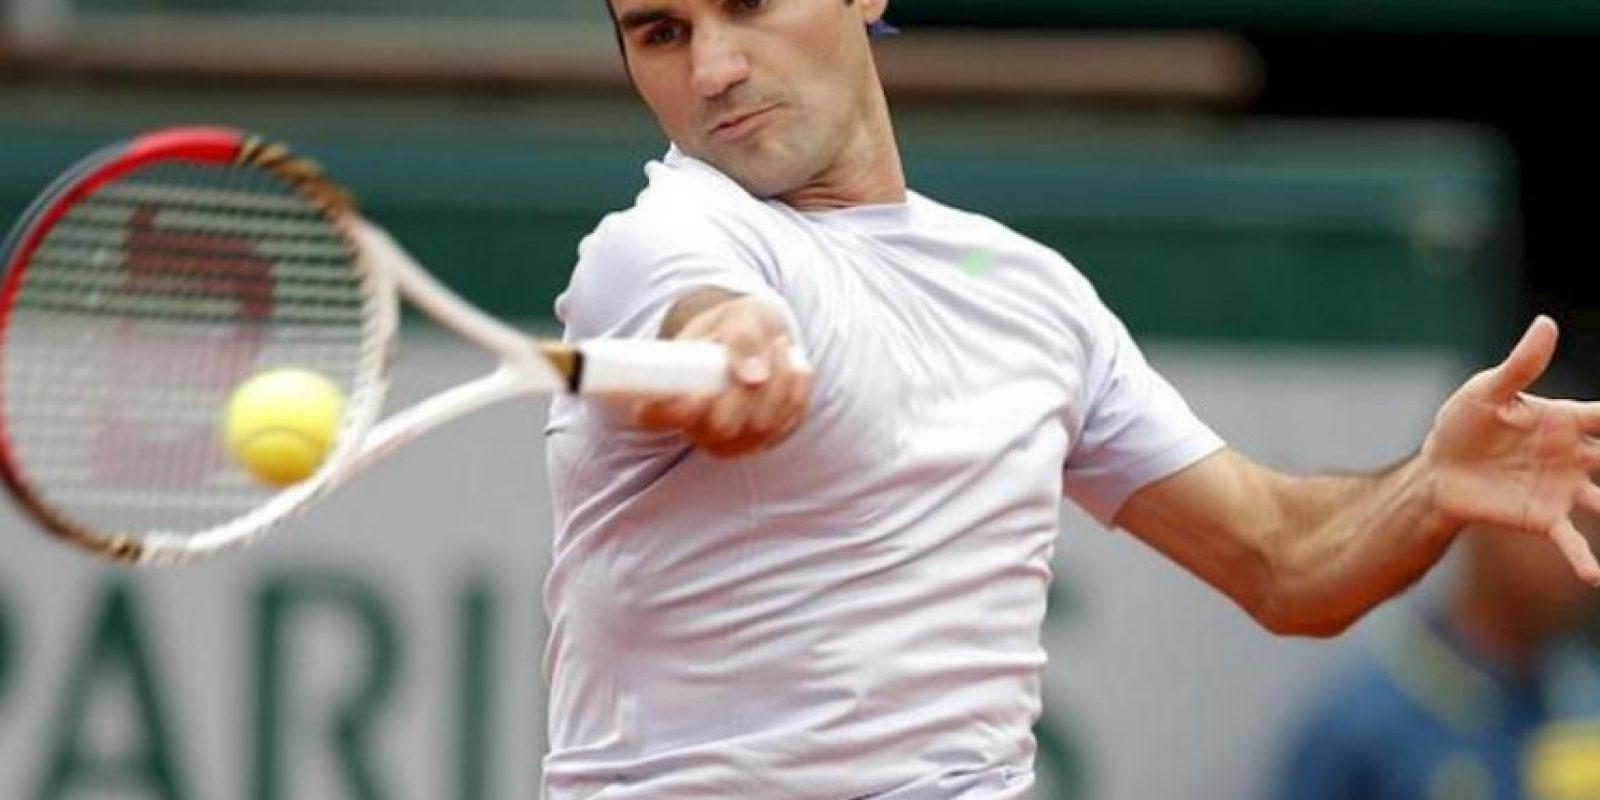 El tenista suizo Roger Federer devuelve una bola durante el partido de tercera ronda del torneo de tenis Roland Garros. EFE